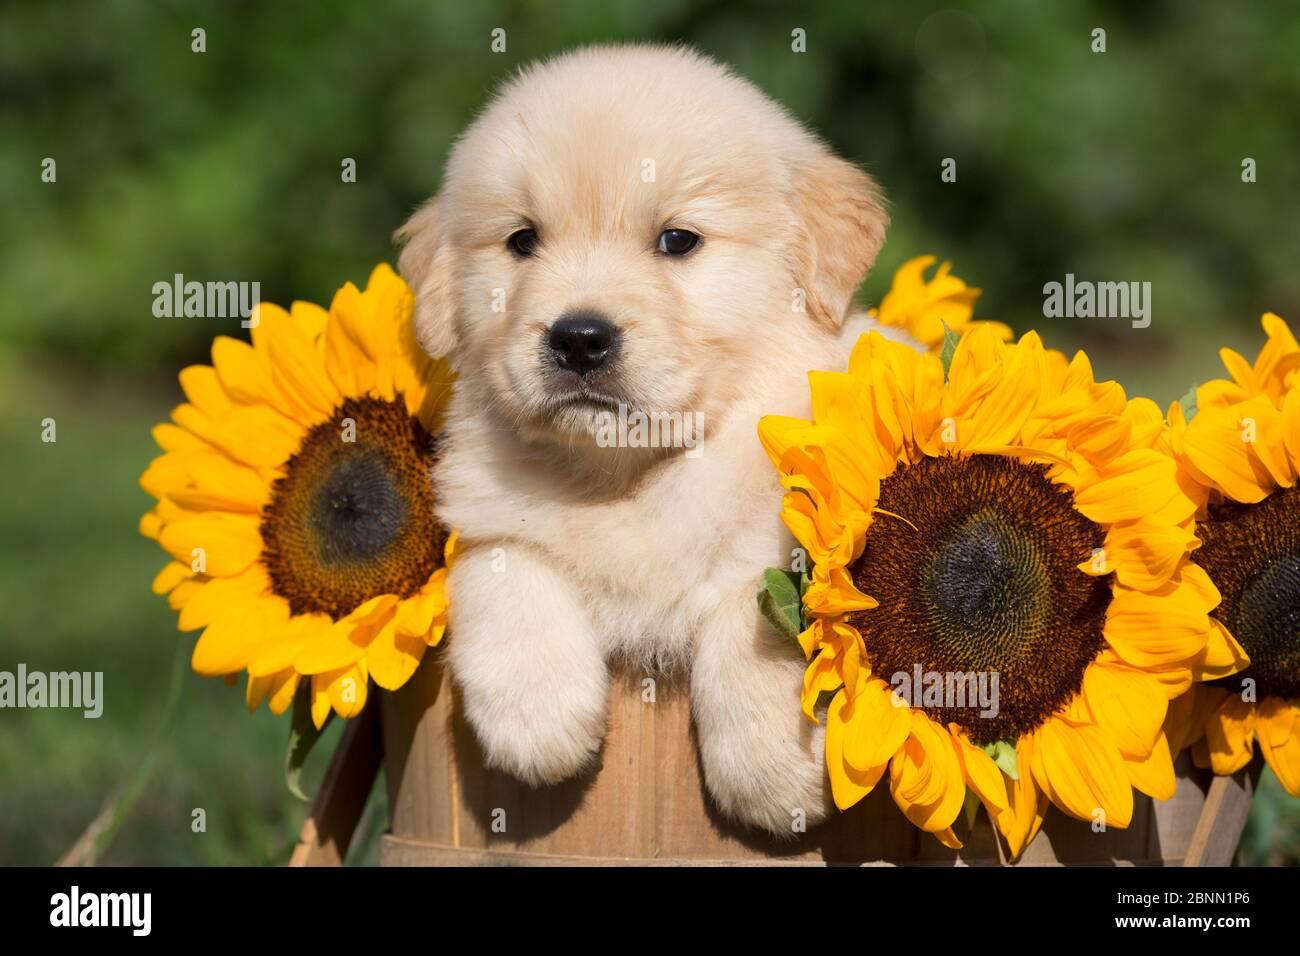 Chiot Golden Retriever dans le panier en bois avec des tournesols; USA Banque D'Images